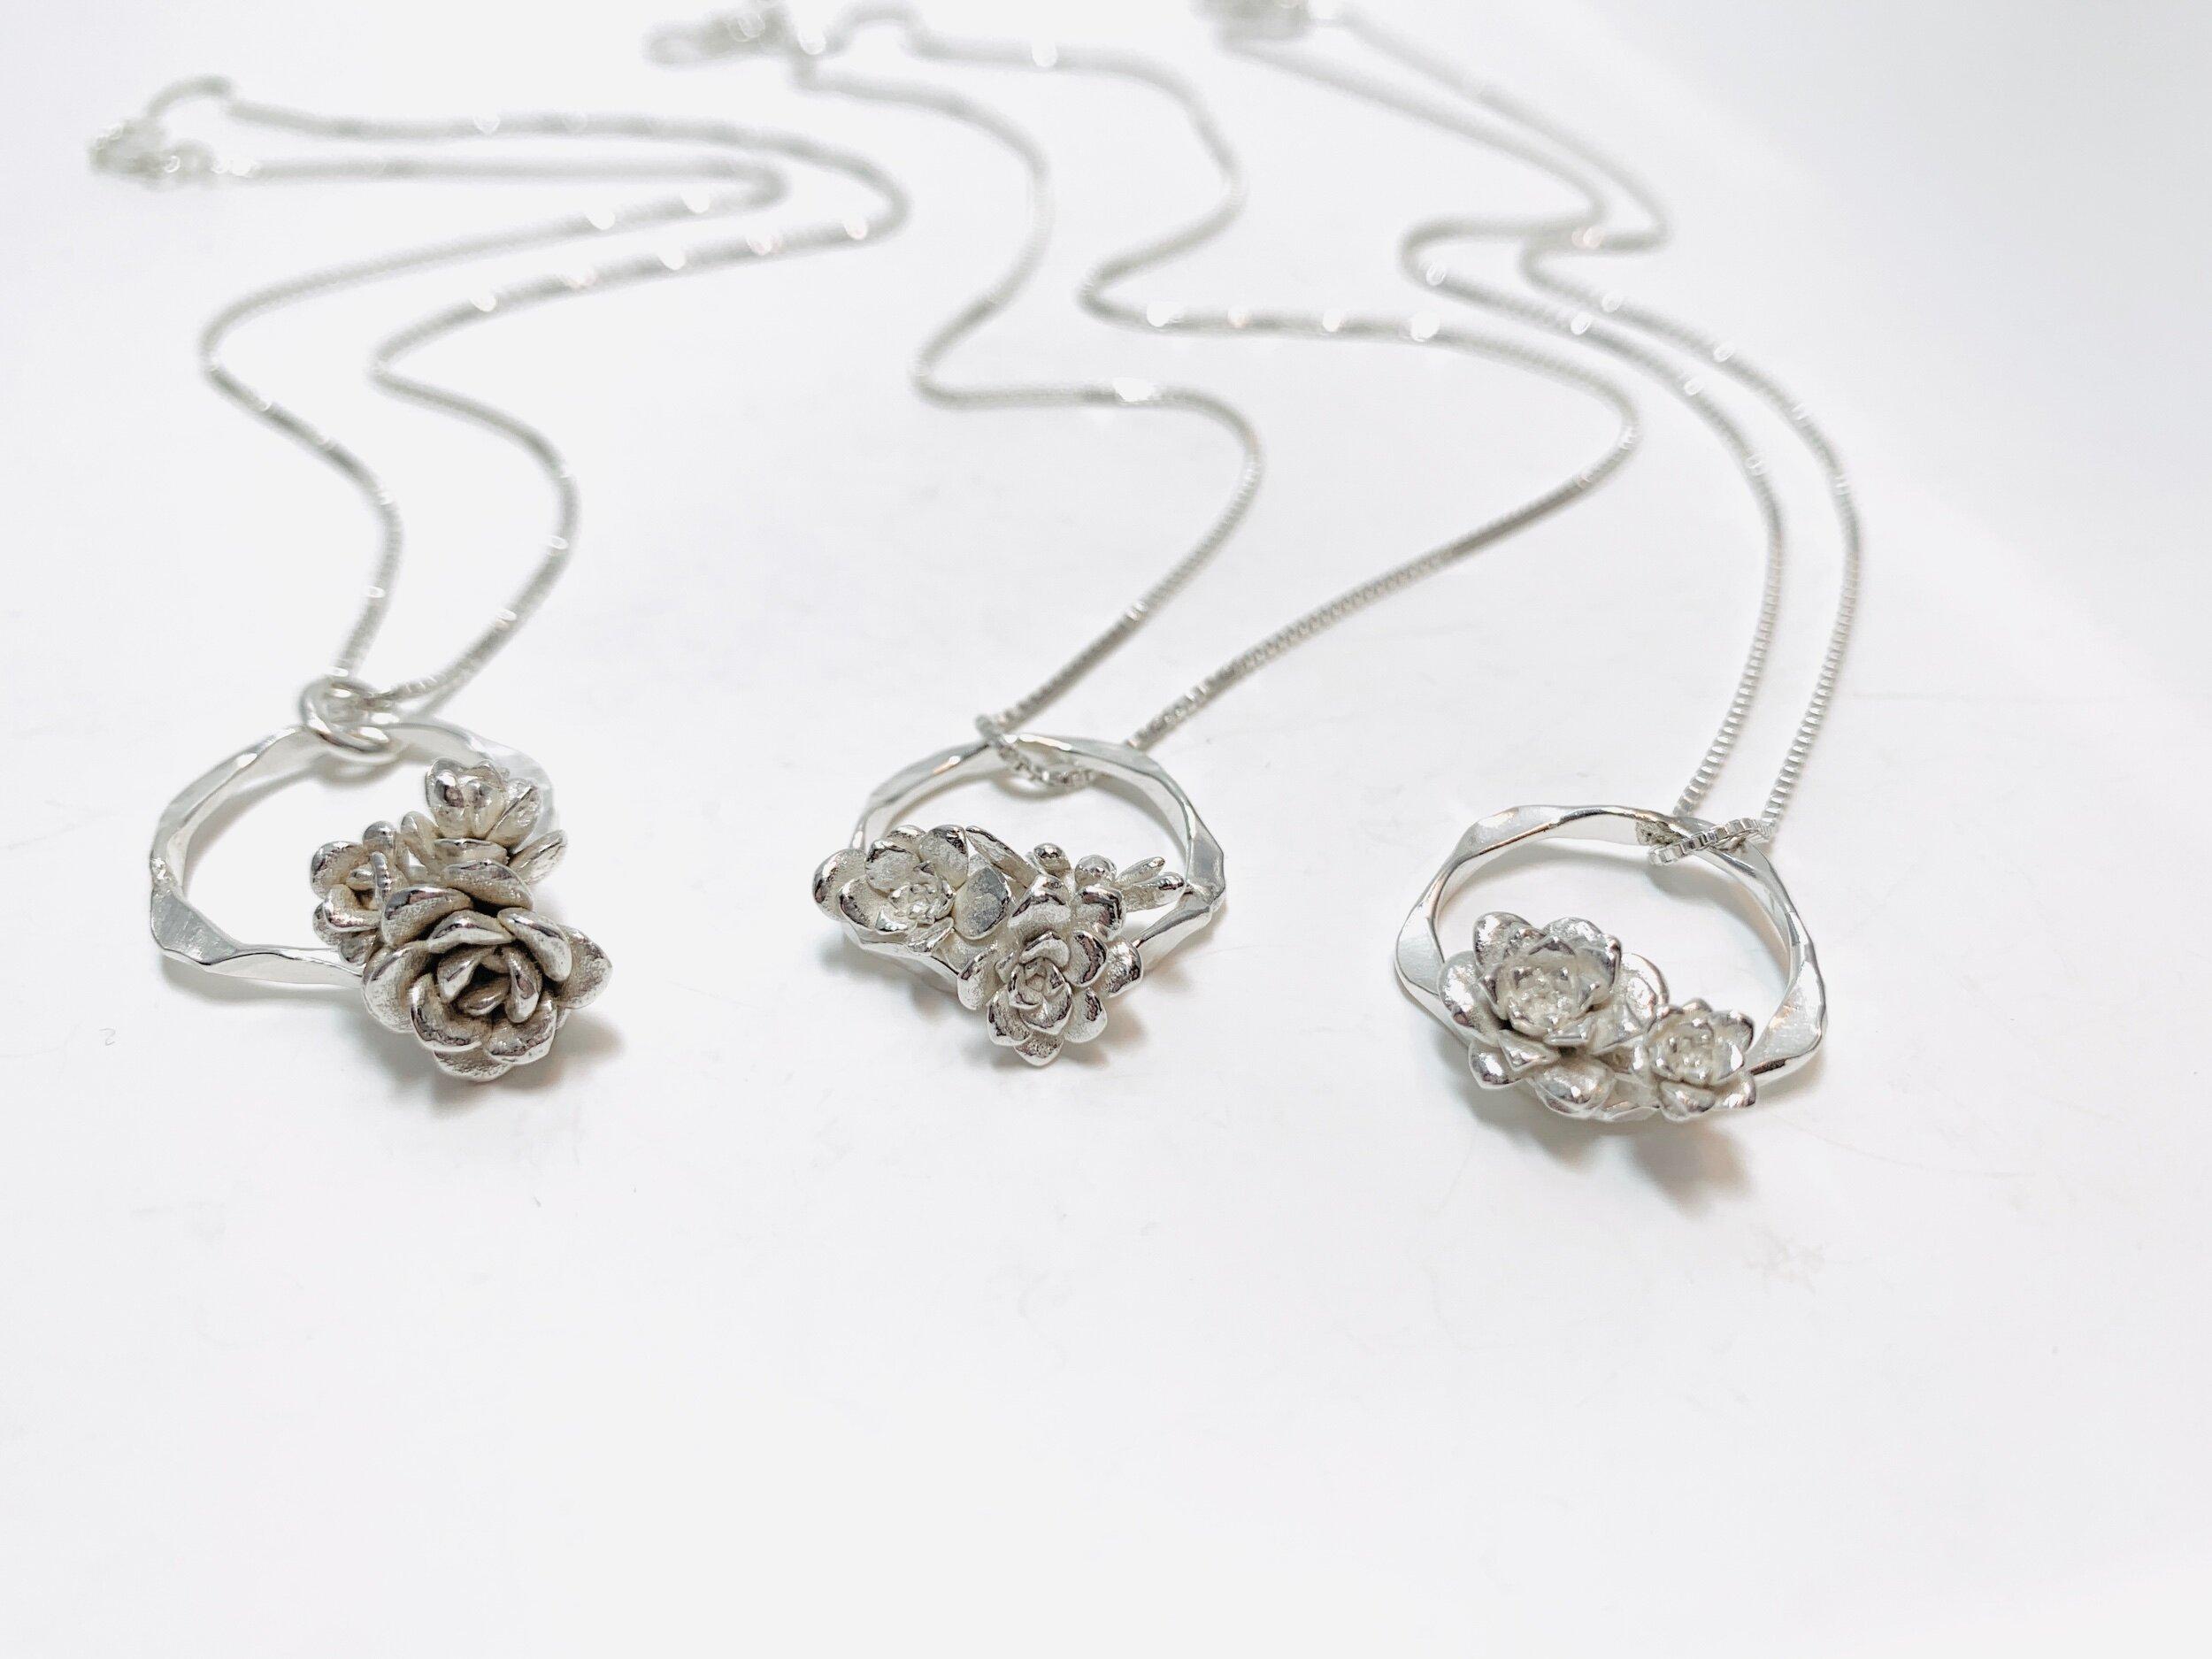 Succulent Pendant Necklace